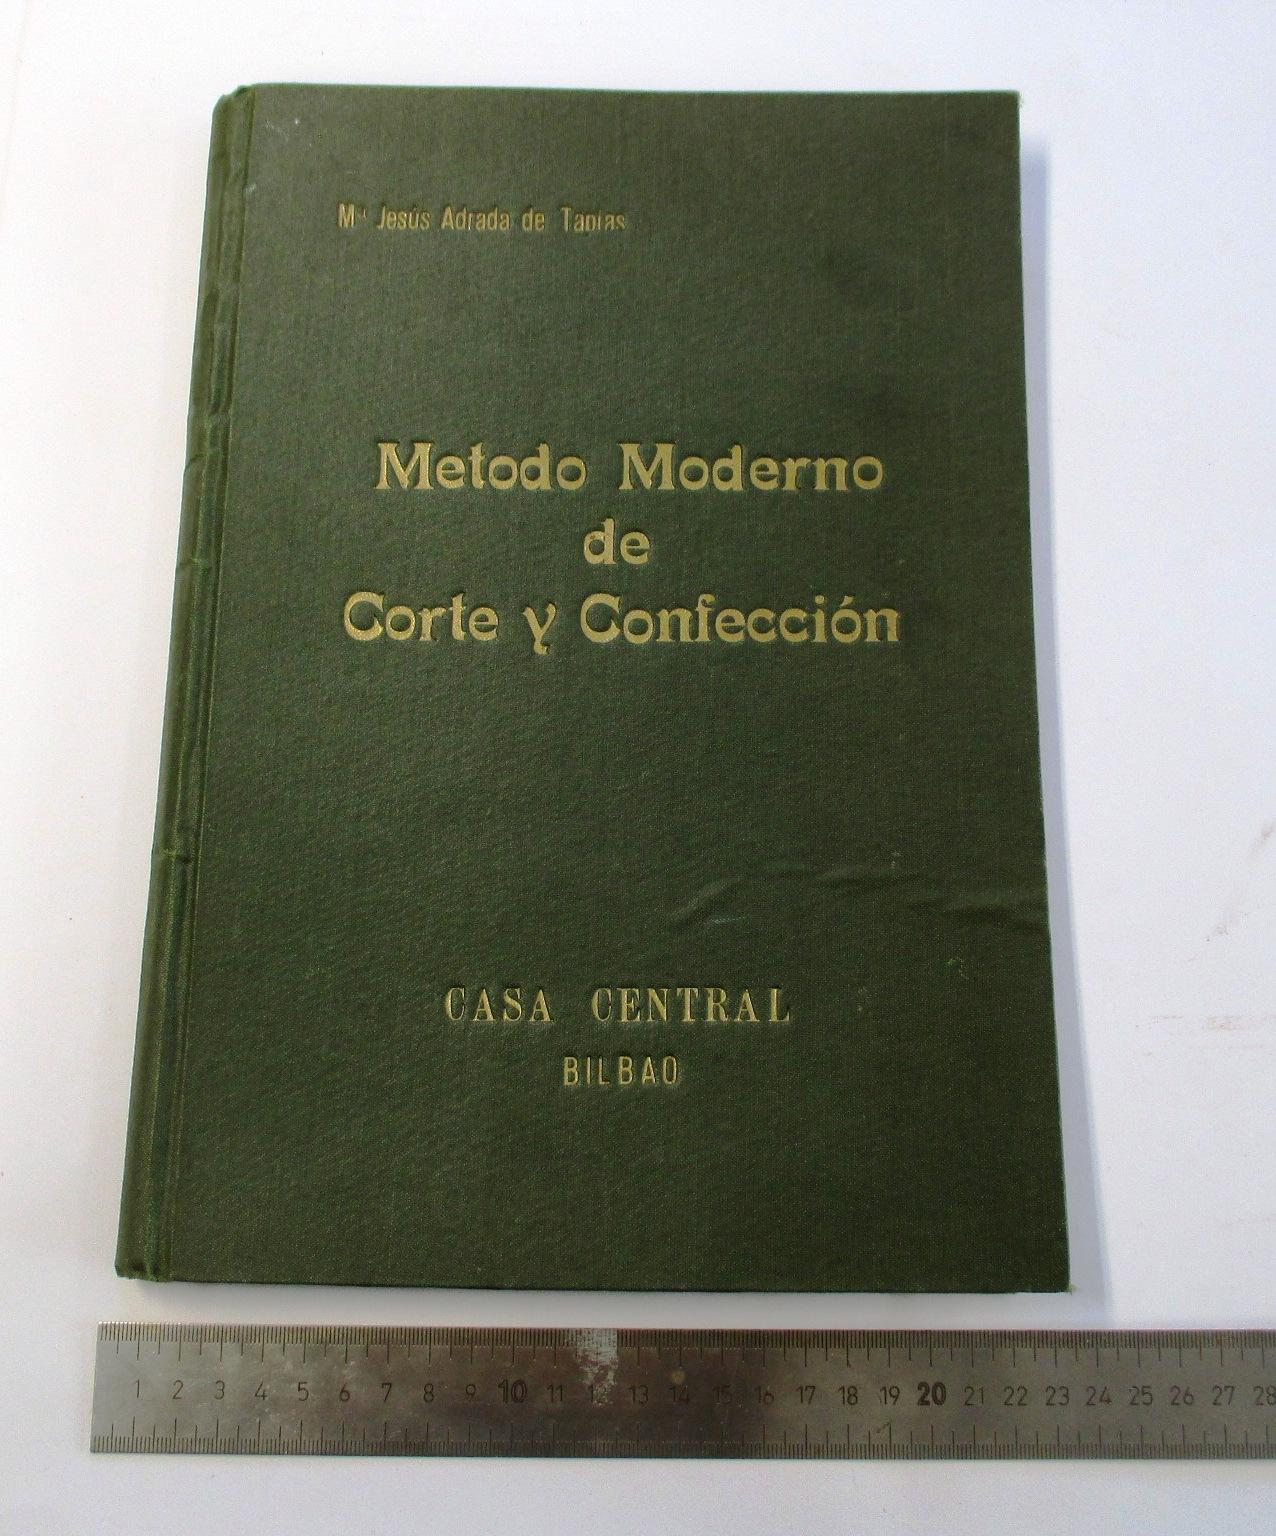 Método Moderno de Corte y Confección.